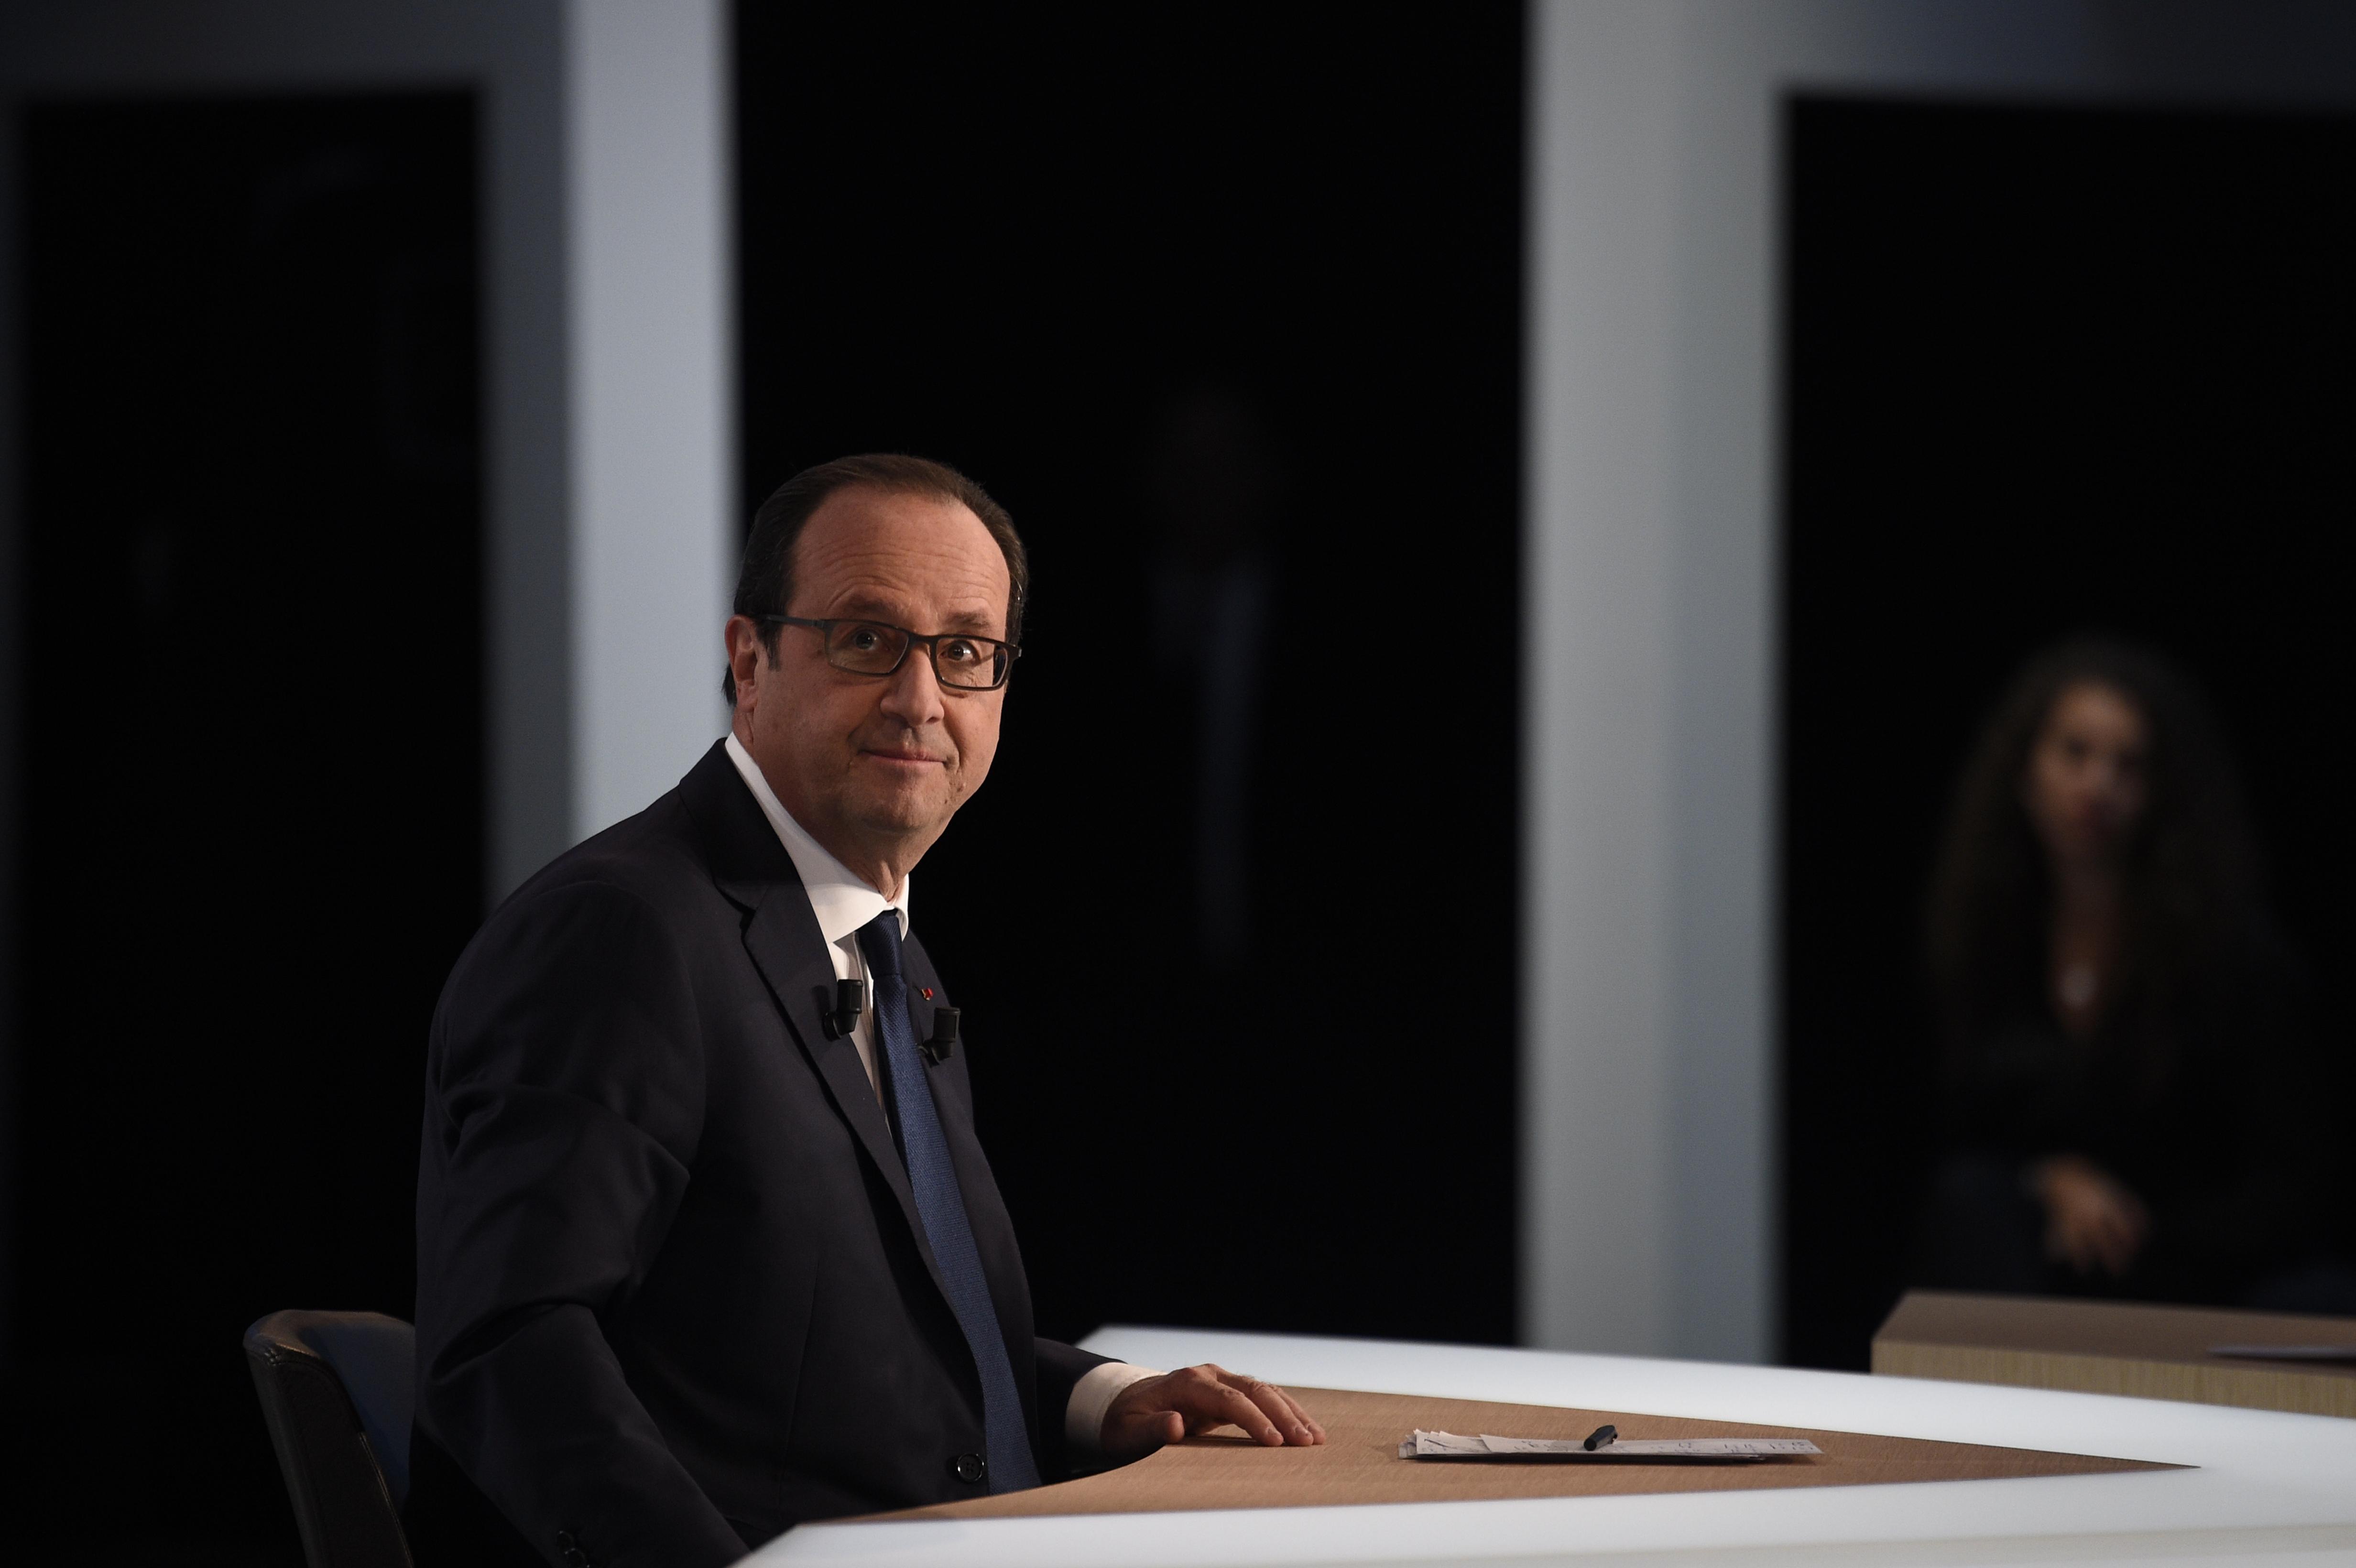 Nouvelle-Calédonie: délicate visite de Hollande parmi une classe politique éclatée